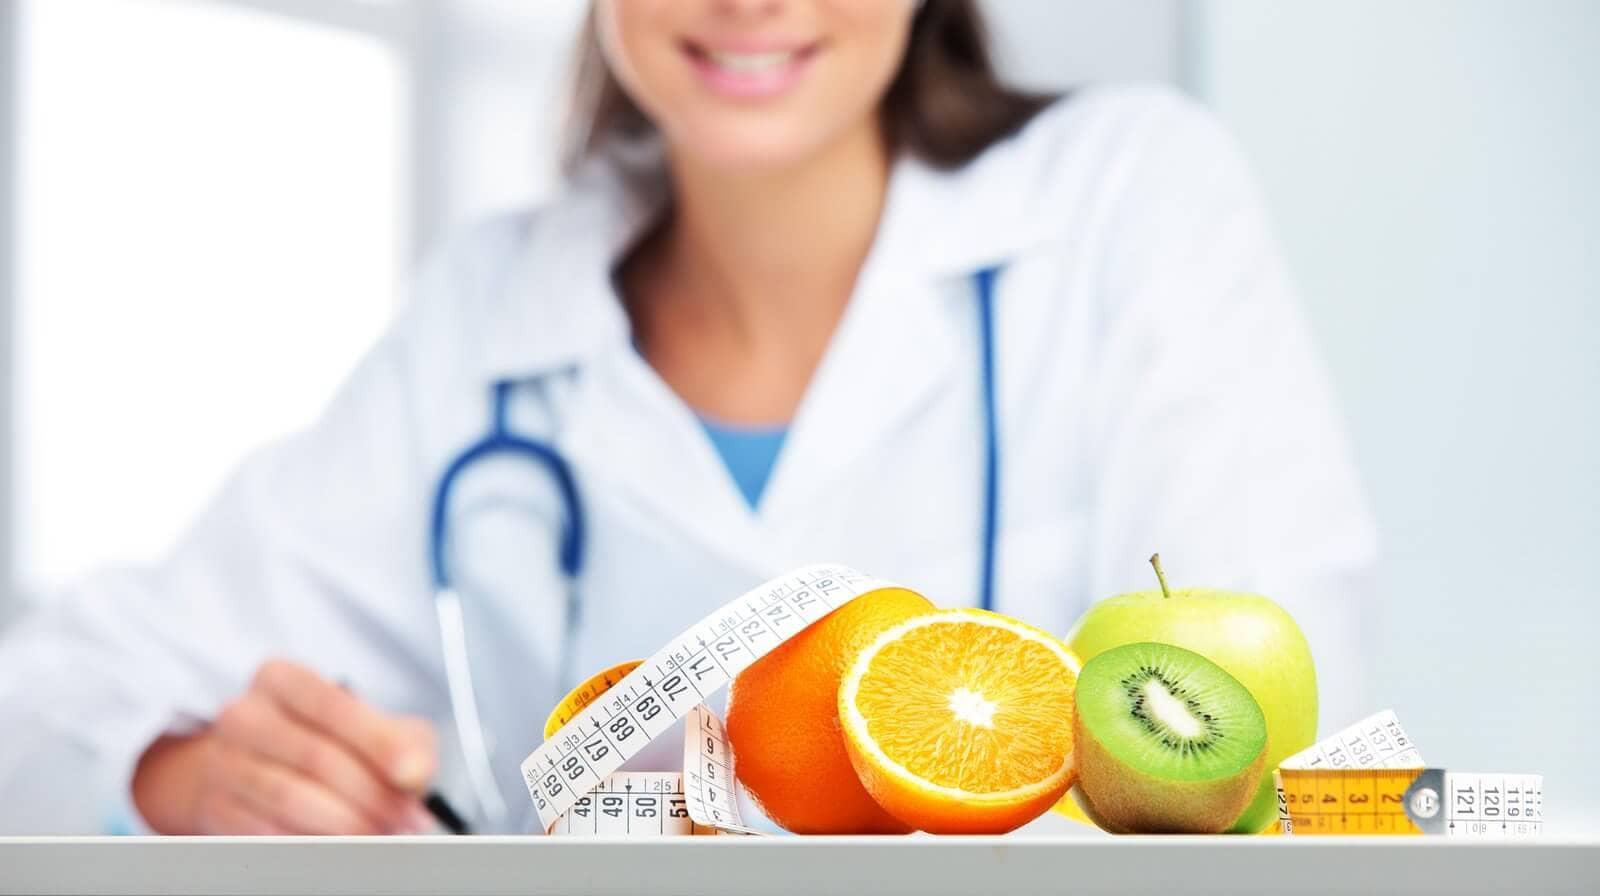 Подобрать диету для похудения Онлайн и Бесплатно Диетолог